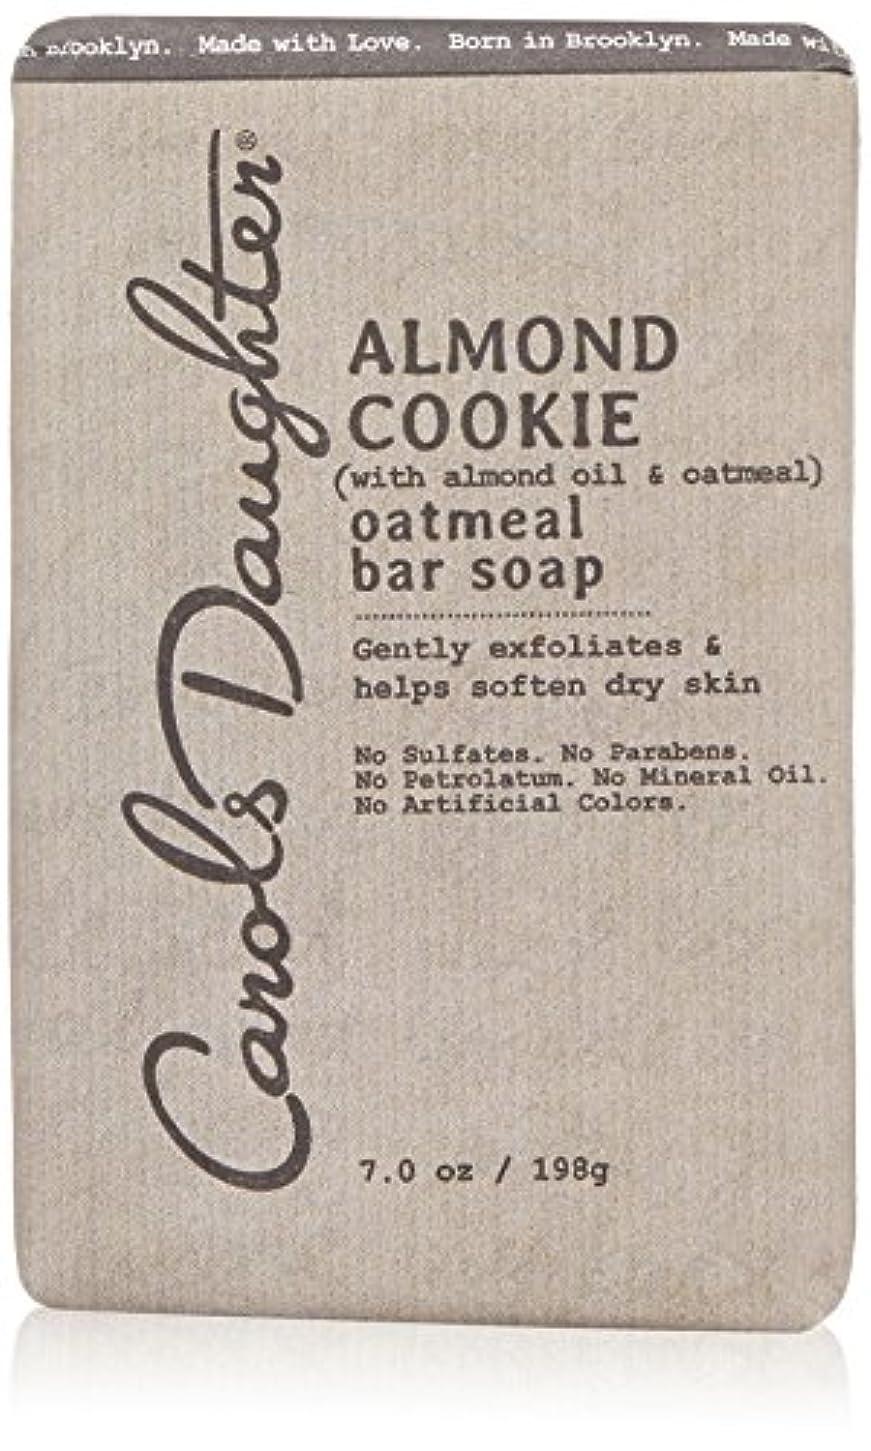 想定道徳教育学校キャロルズドーター Almond Cookie Oatmeal Bar Soap 198g/7oz並行輸入品